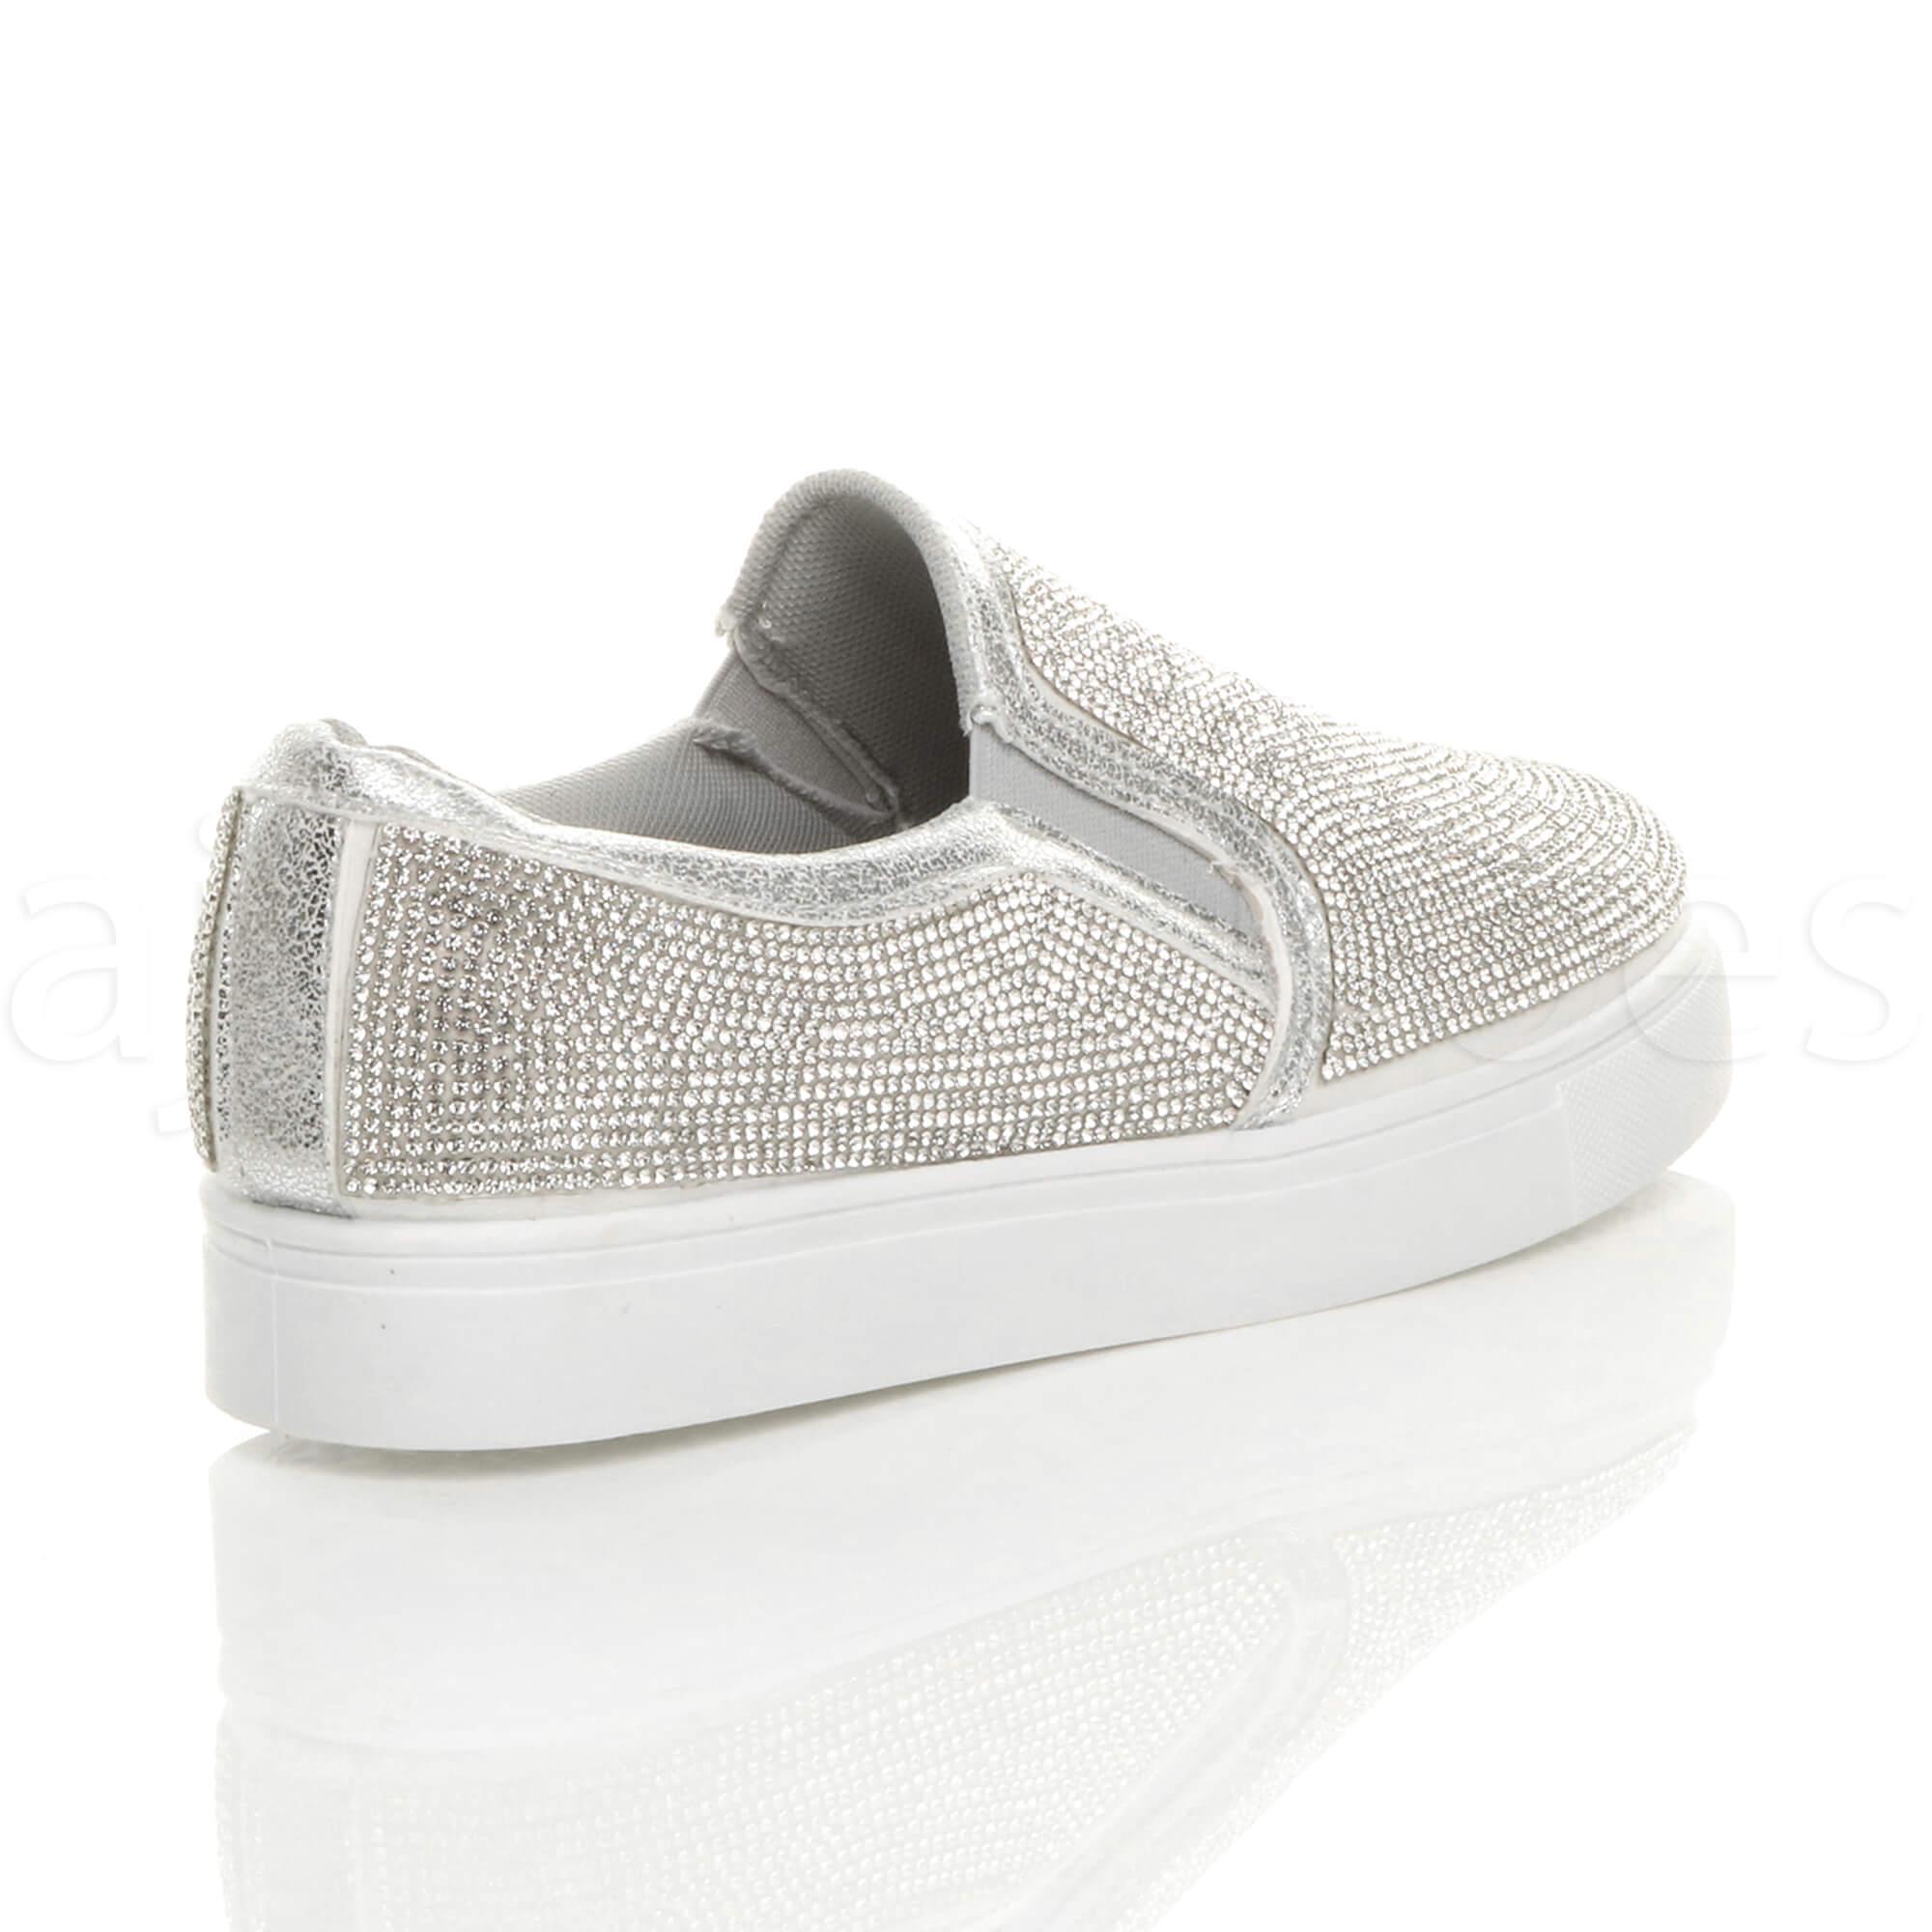 New Ladies Low Ankle Diamante Pumps Women Skater Shoes Plimsols Trainers Boots